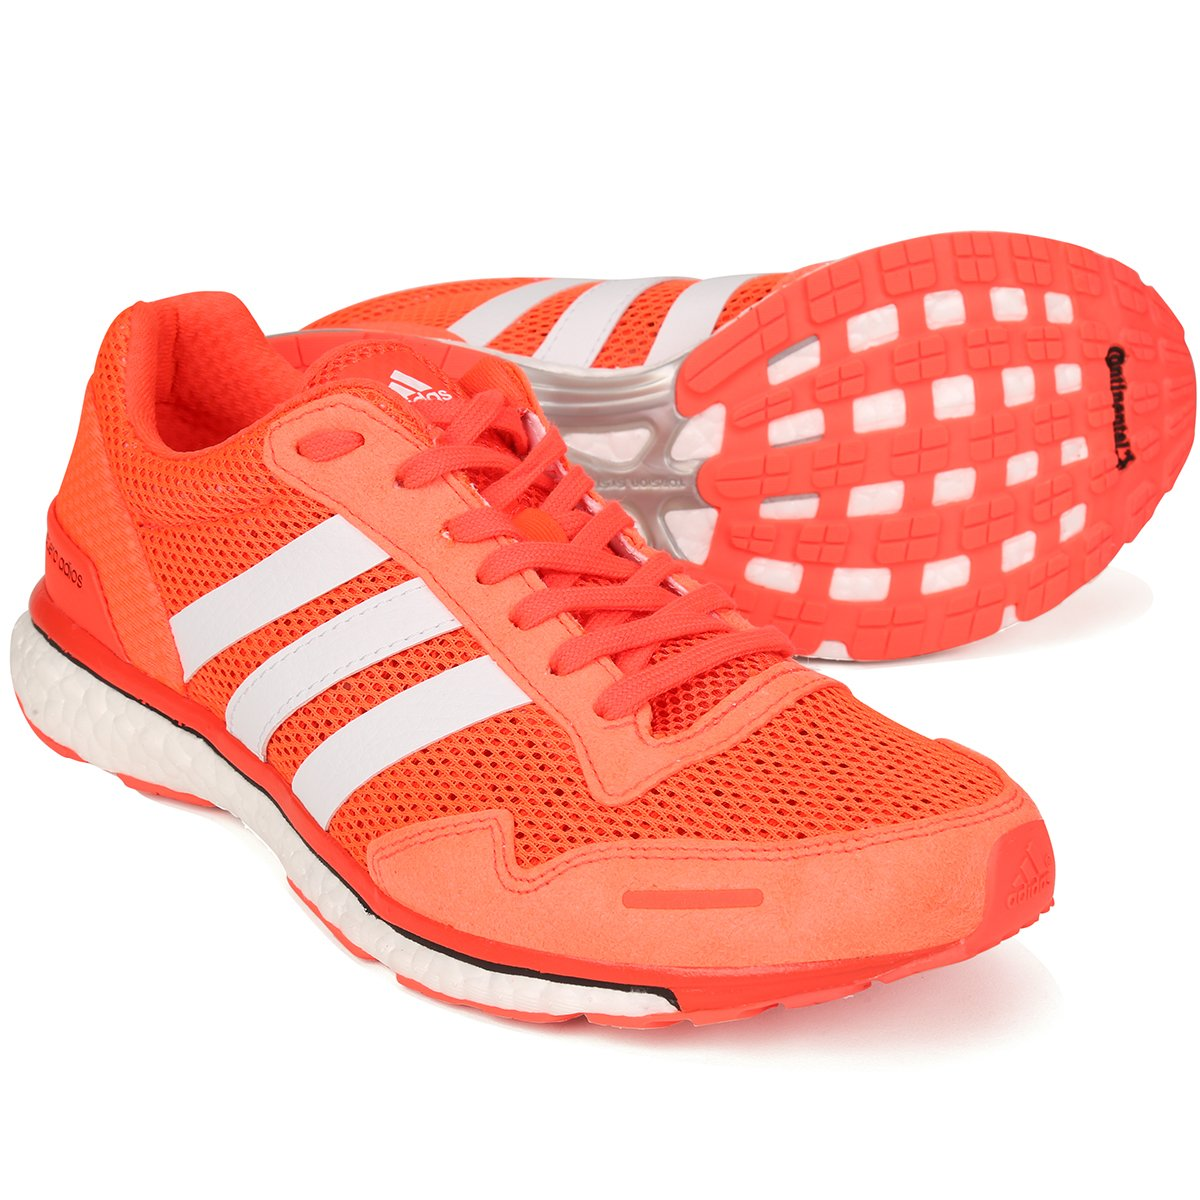 8bfdcd968 Tênis Adidas Adios Masculino - Compre Agora